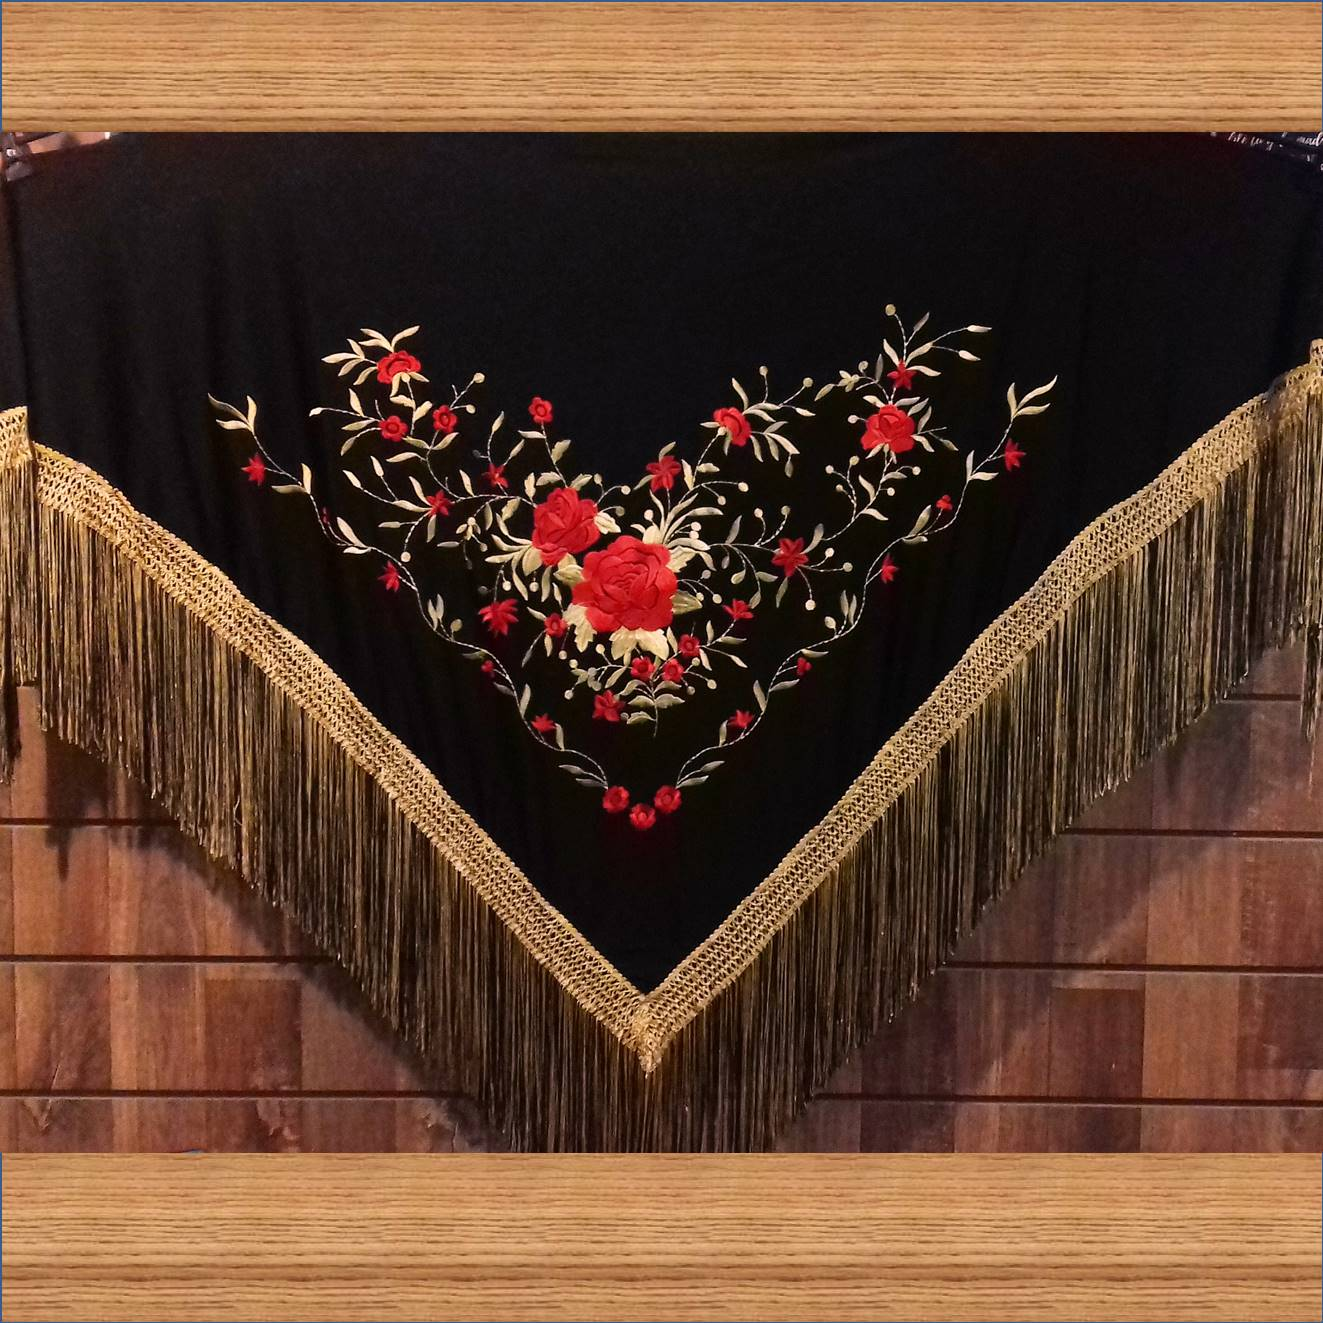 XALE ESPANHOL grande bordado 190x90cm flamenco preto dourado vermelho